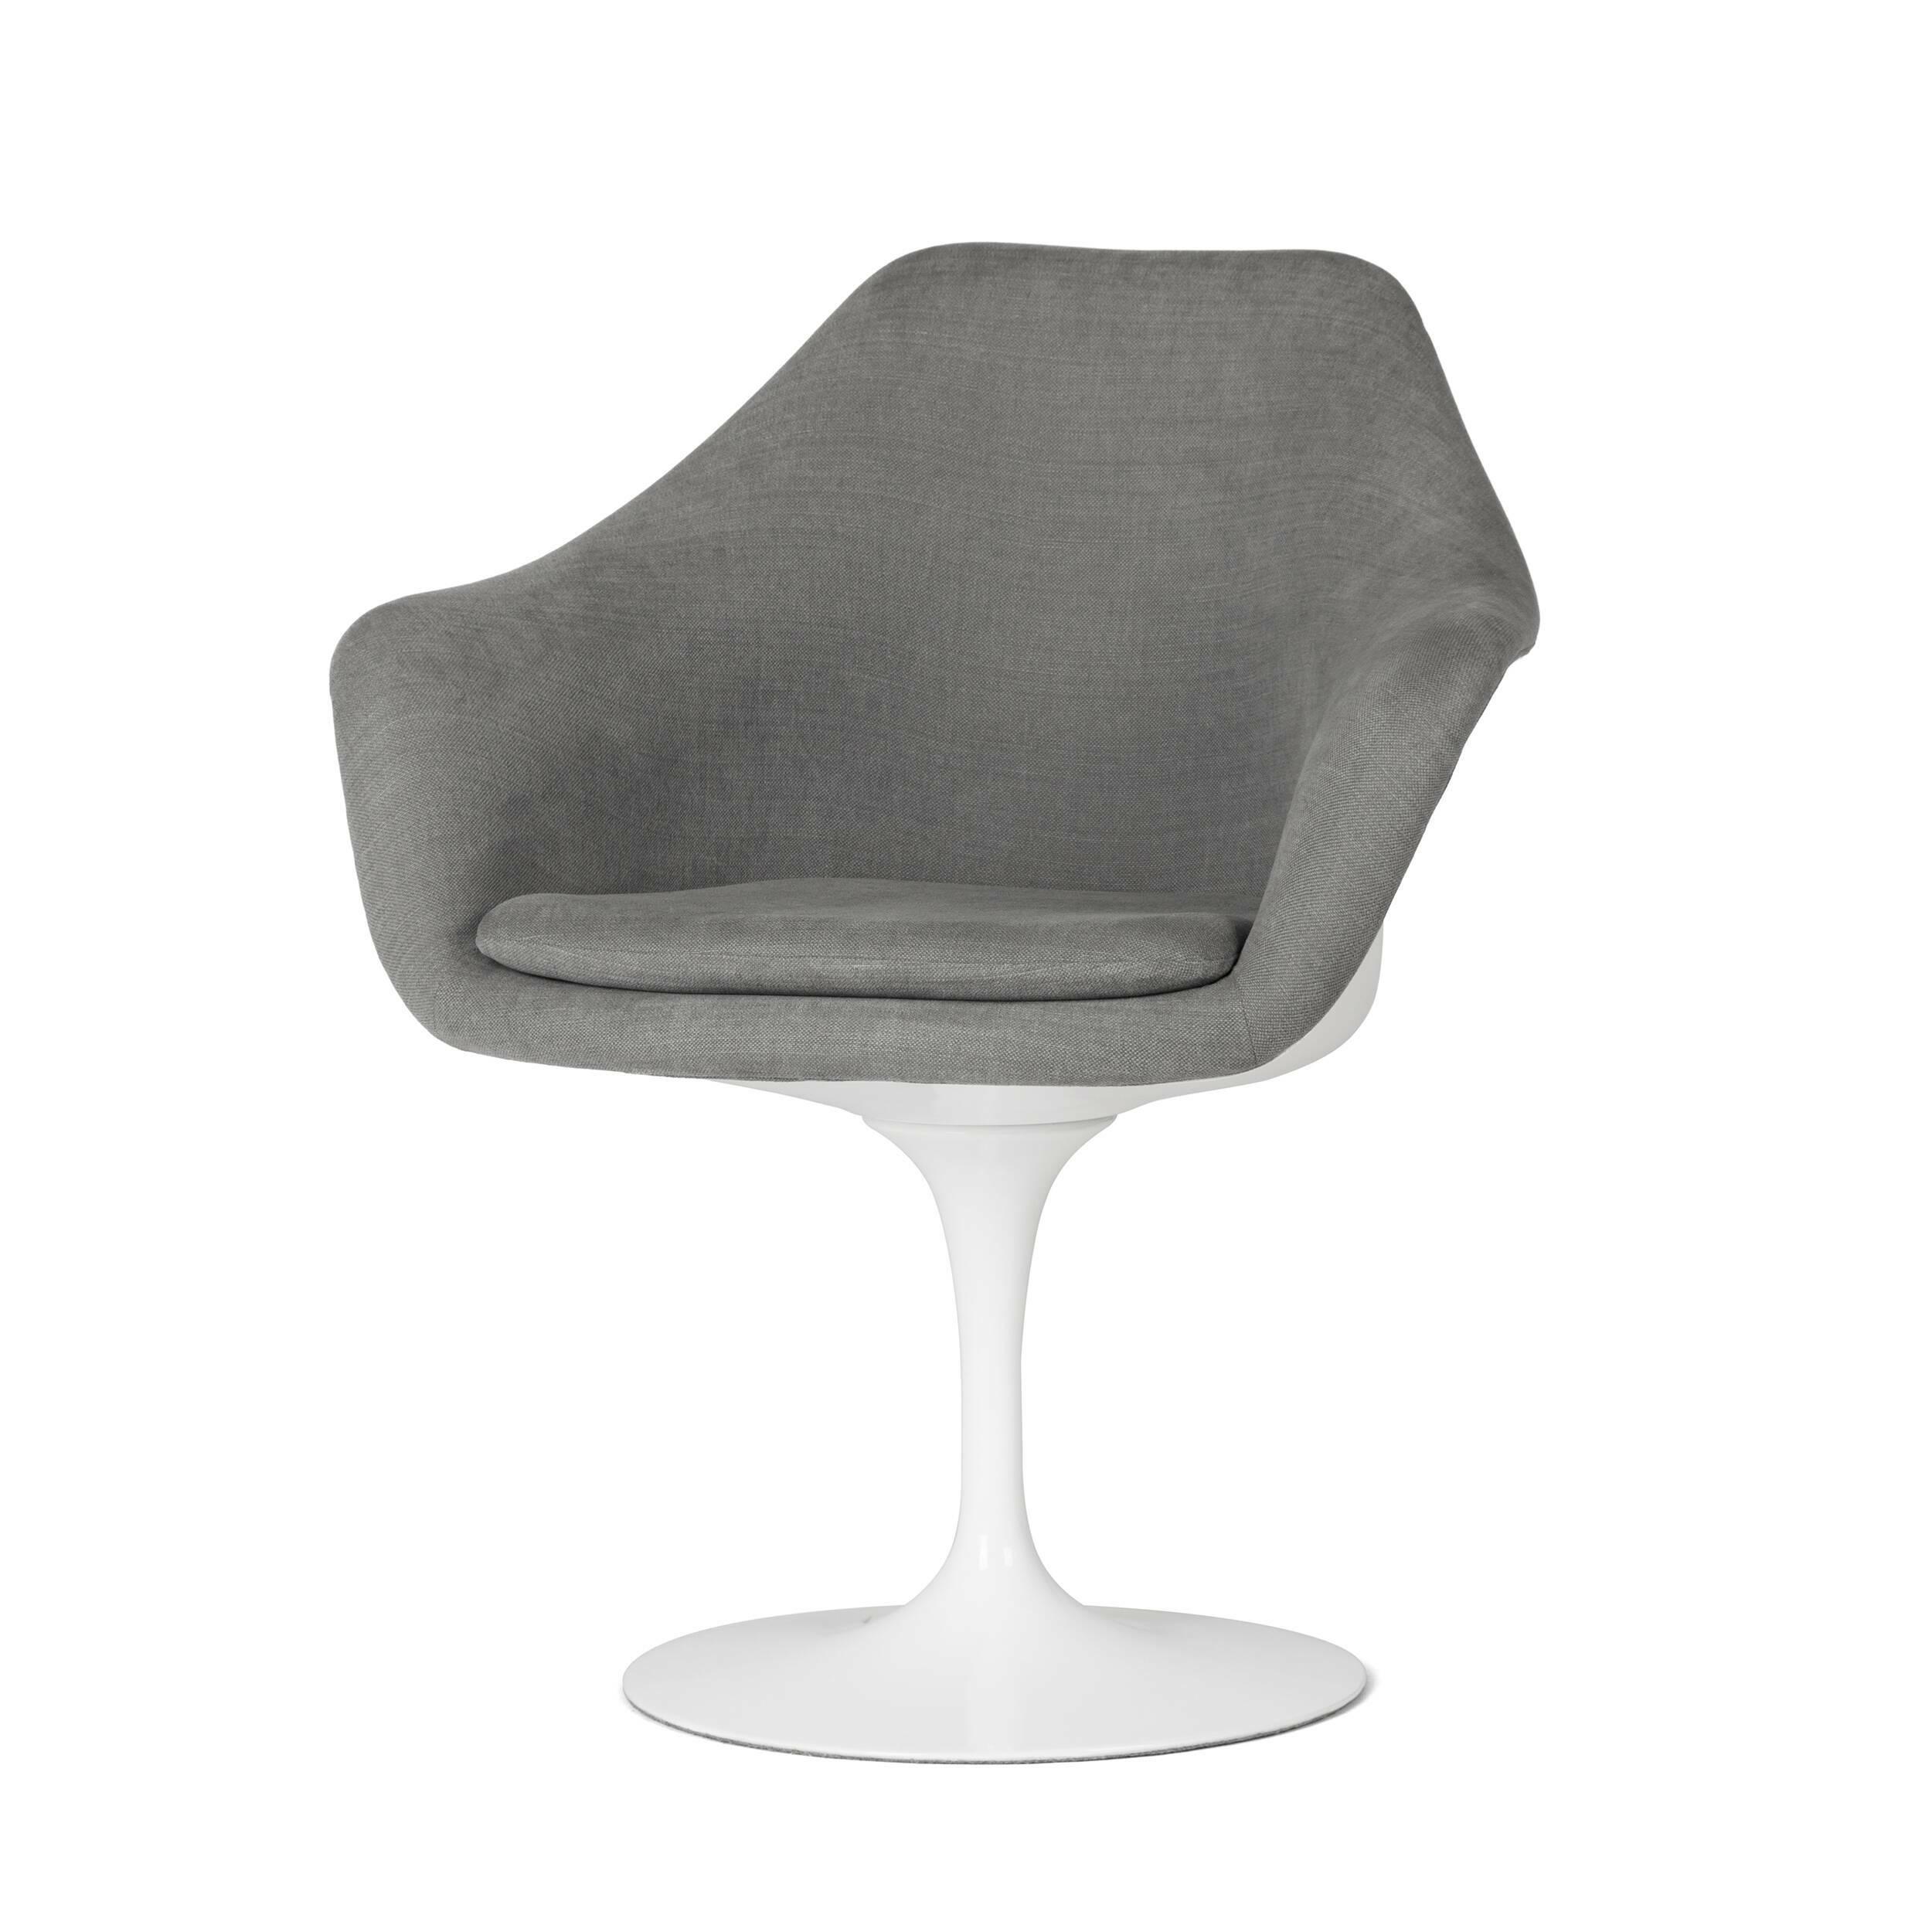 Cтул Tulip с подлокотниками и обитой спинкойИнтерьерные<br>Дизайнерский яркий мягкий интерьерный стул Tulip (ТУлип) с подлокотниками и обитой спинкой на глянцевой ножке от Cosmo (Космо).<br><br>     Свои основные идеи финн Ээро Сааринен черпал в аскетичном подходе к дизайну, воплощая их в наиболее эффективных конструкционных решениях. «Решение любой дизайнерской задачи нужно искать в следующей, более крупной вещи, — утверждал Сааринен. — Если загвоздка в стуле, мы должны смотреть на то, как он соотносится с комнатой». Именно в стуле Tulip Ээро воплотил с...<br><br>stock: 2<br>Высота: 82,5<br>Высота сиденья: 47<br>Ширина: 71<br>Глубина: 60<br>Цвет ножек: Белый глянец<br>Тип материала каркаса: Стекловолокно<br>Материал сидения: Хлопок, Лен<br>Цвет сидения: Серый<br>Тип материала сидения: Ткань<br>Коллекция ткани: Ray Fabric<br>Тип материала ножек: Алюминий<br>Цвет каркаса: Белый глянец